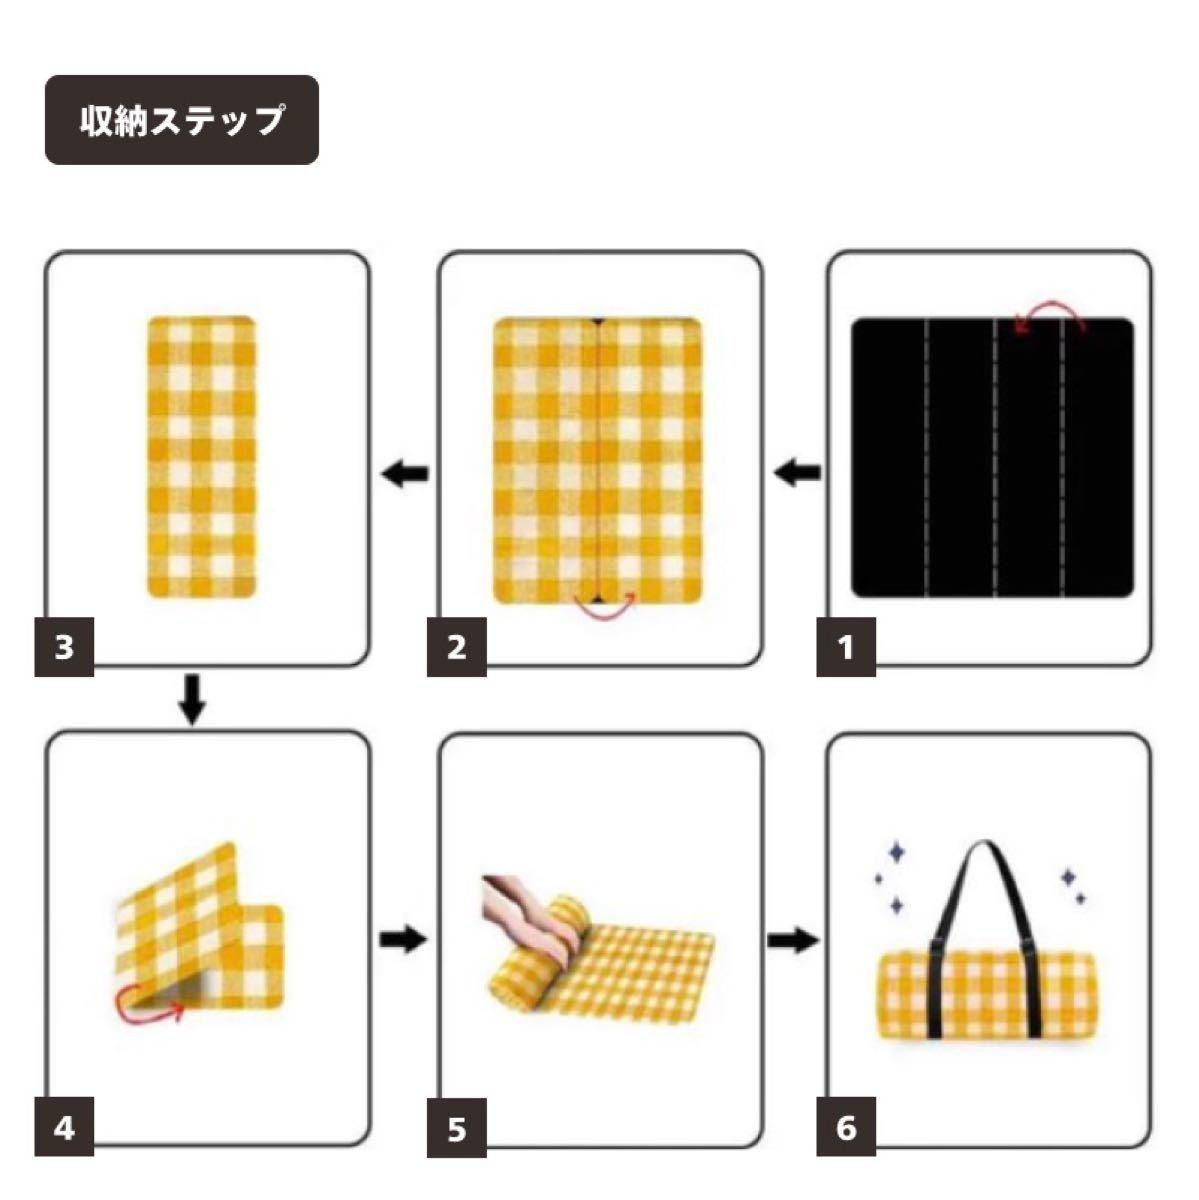 選べるカラー 大判 厚手 ふかふか ピクニックマット レジャーシート マット 防水 丸洗い 200×150